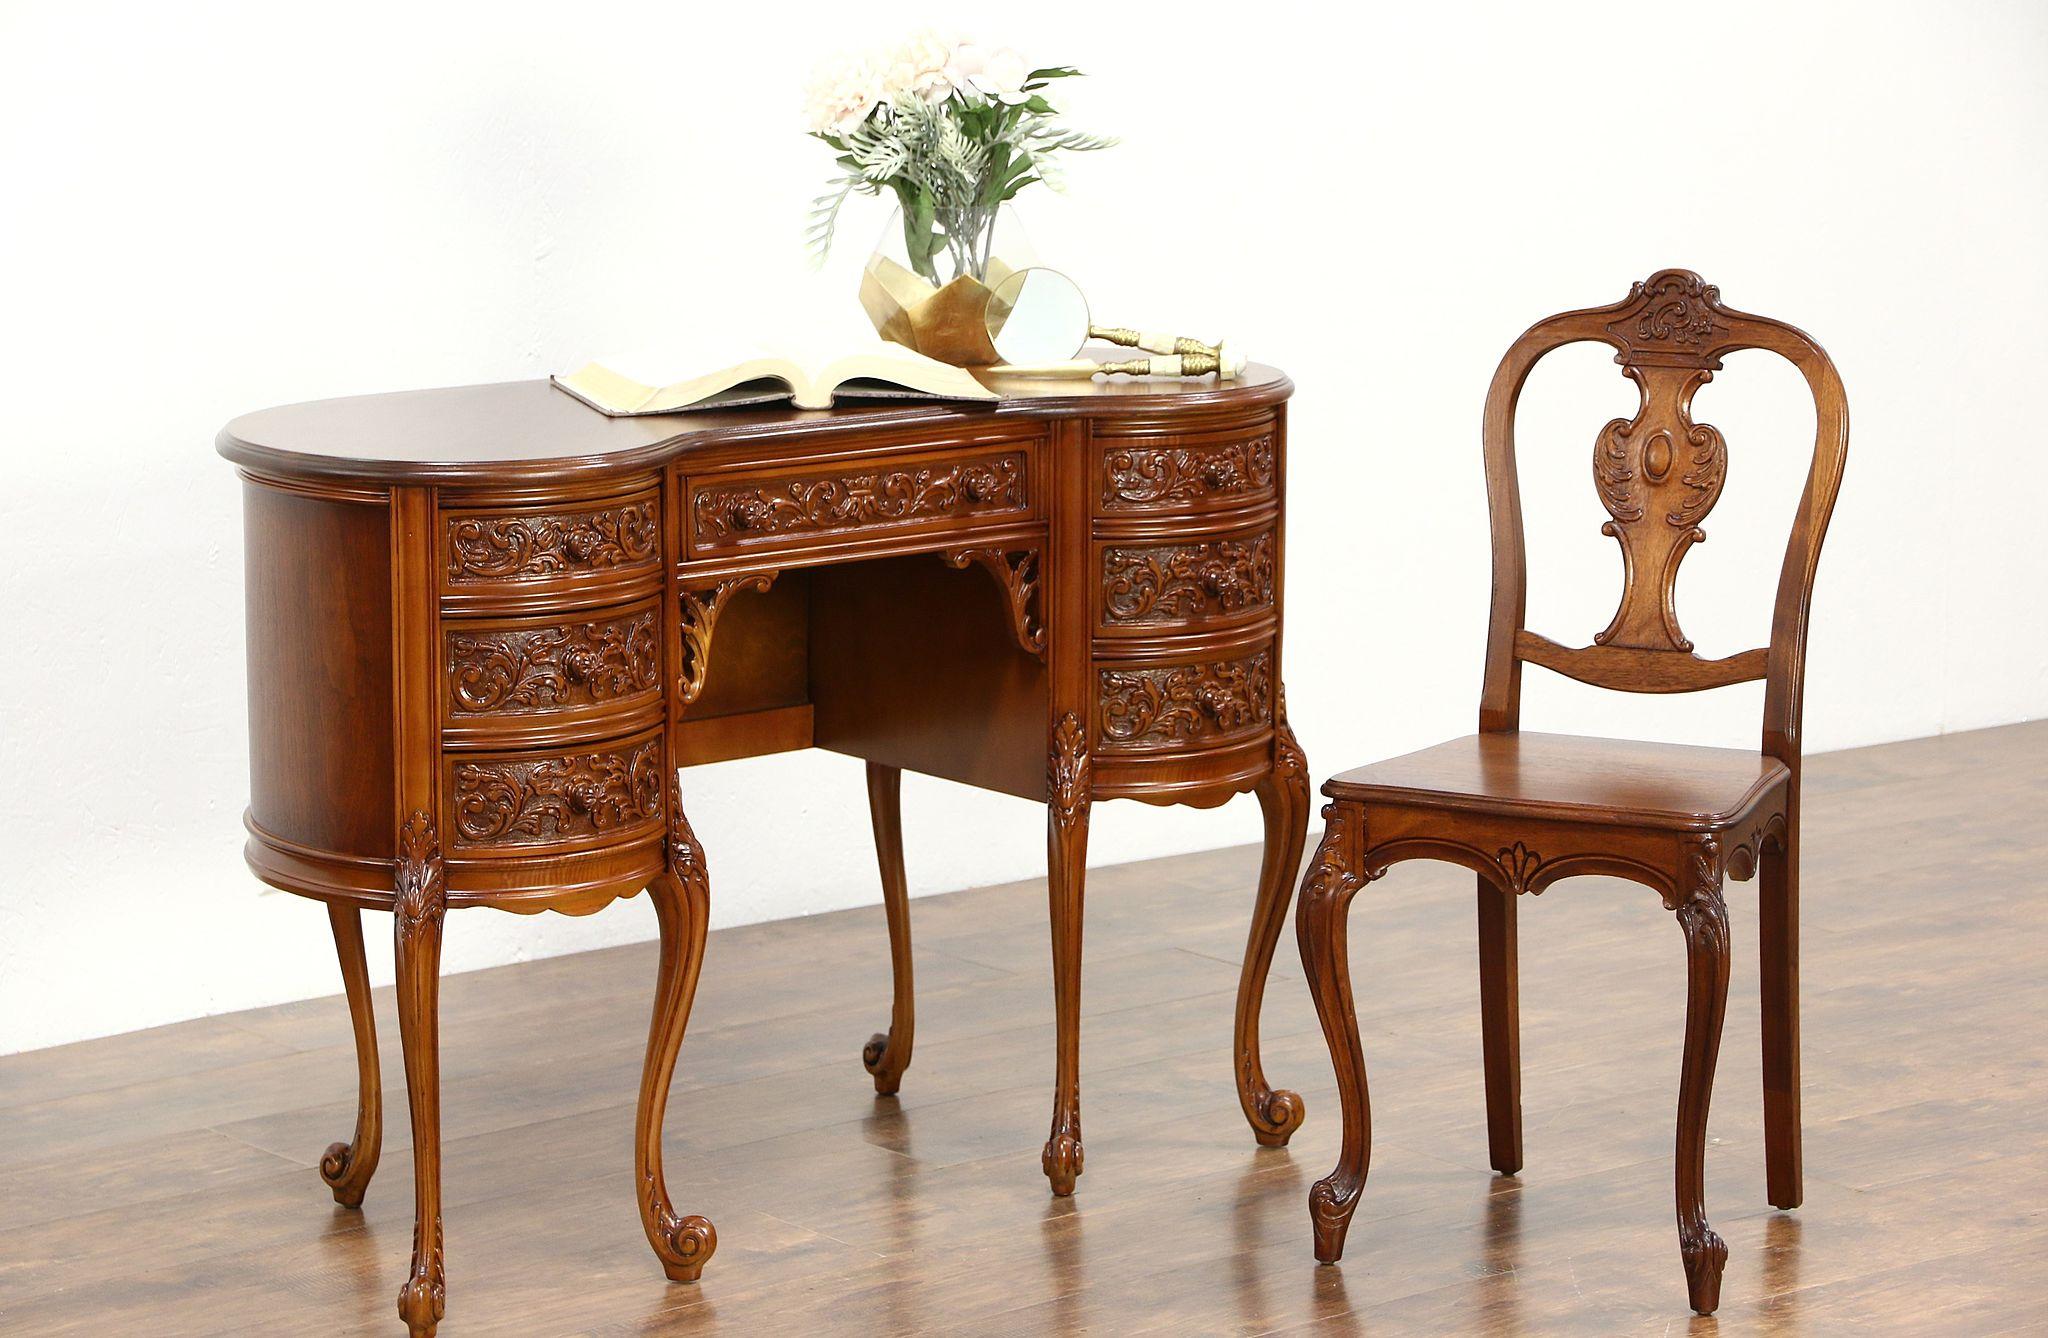 SOLD Kidney Shape 1940 s Vintage Writing Desk & Chair Set